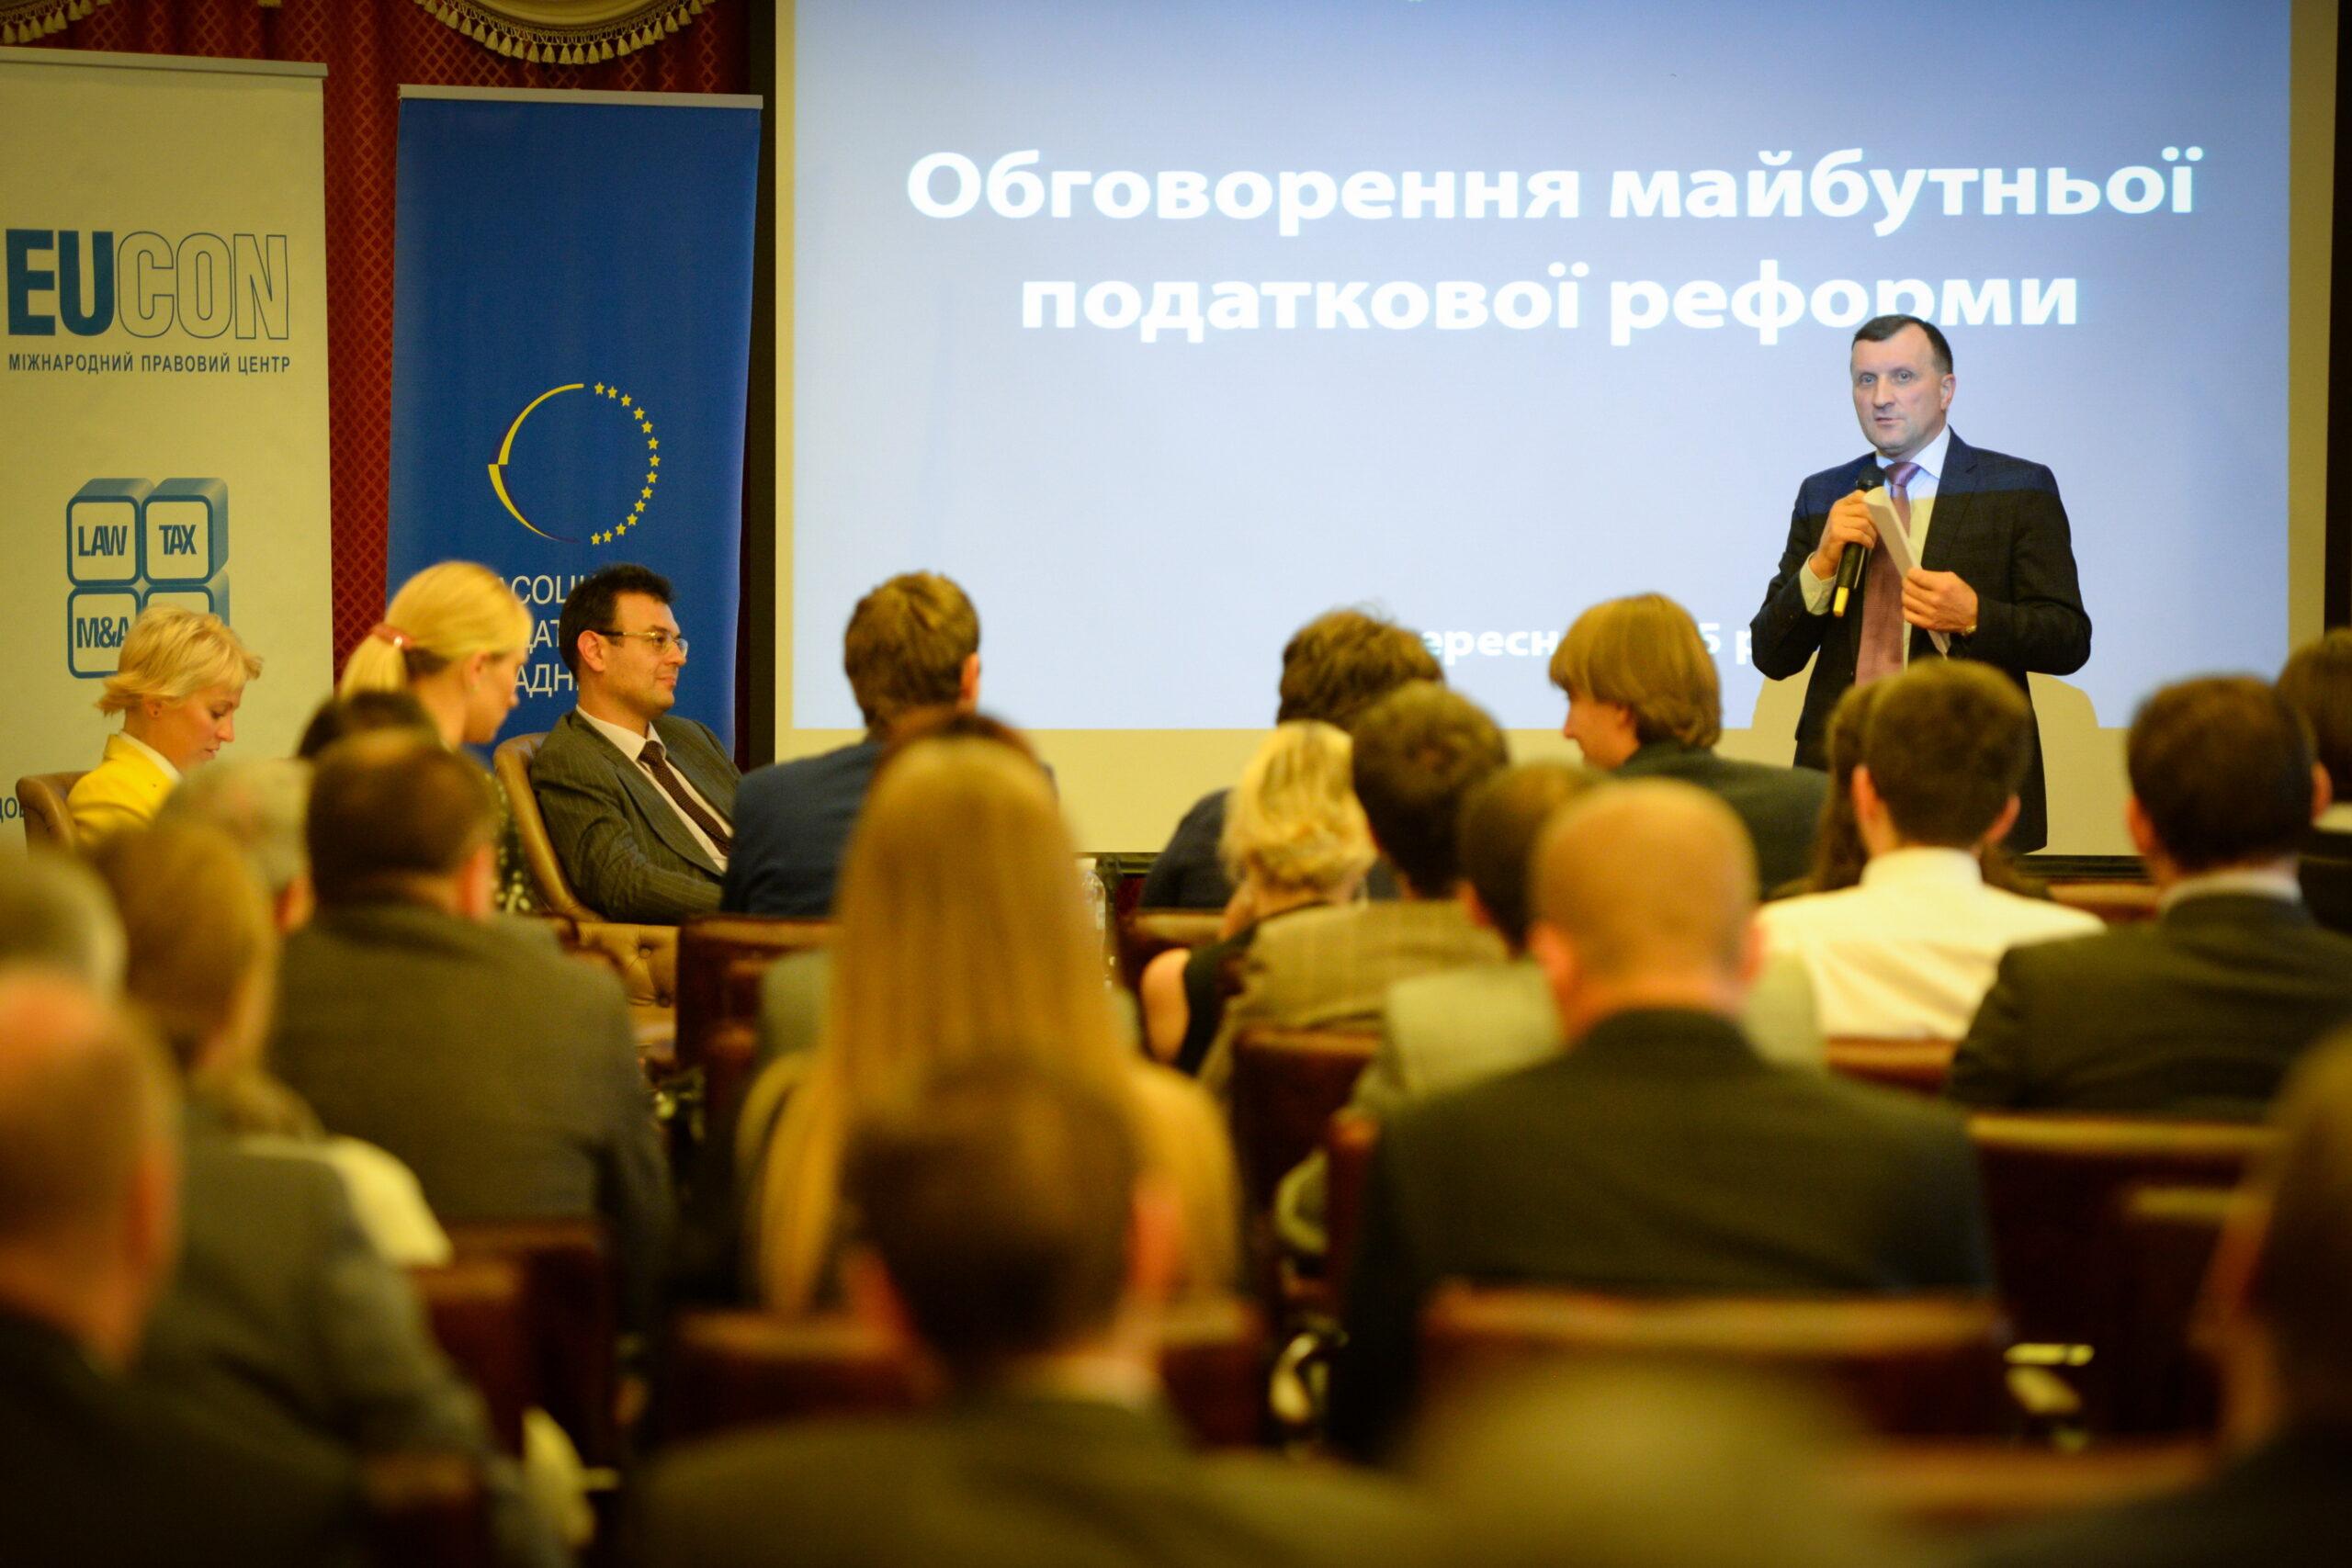 Обговорення податкової реформи із заступником Міністра фінансів